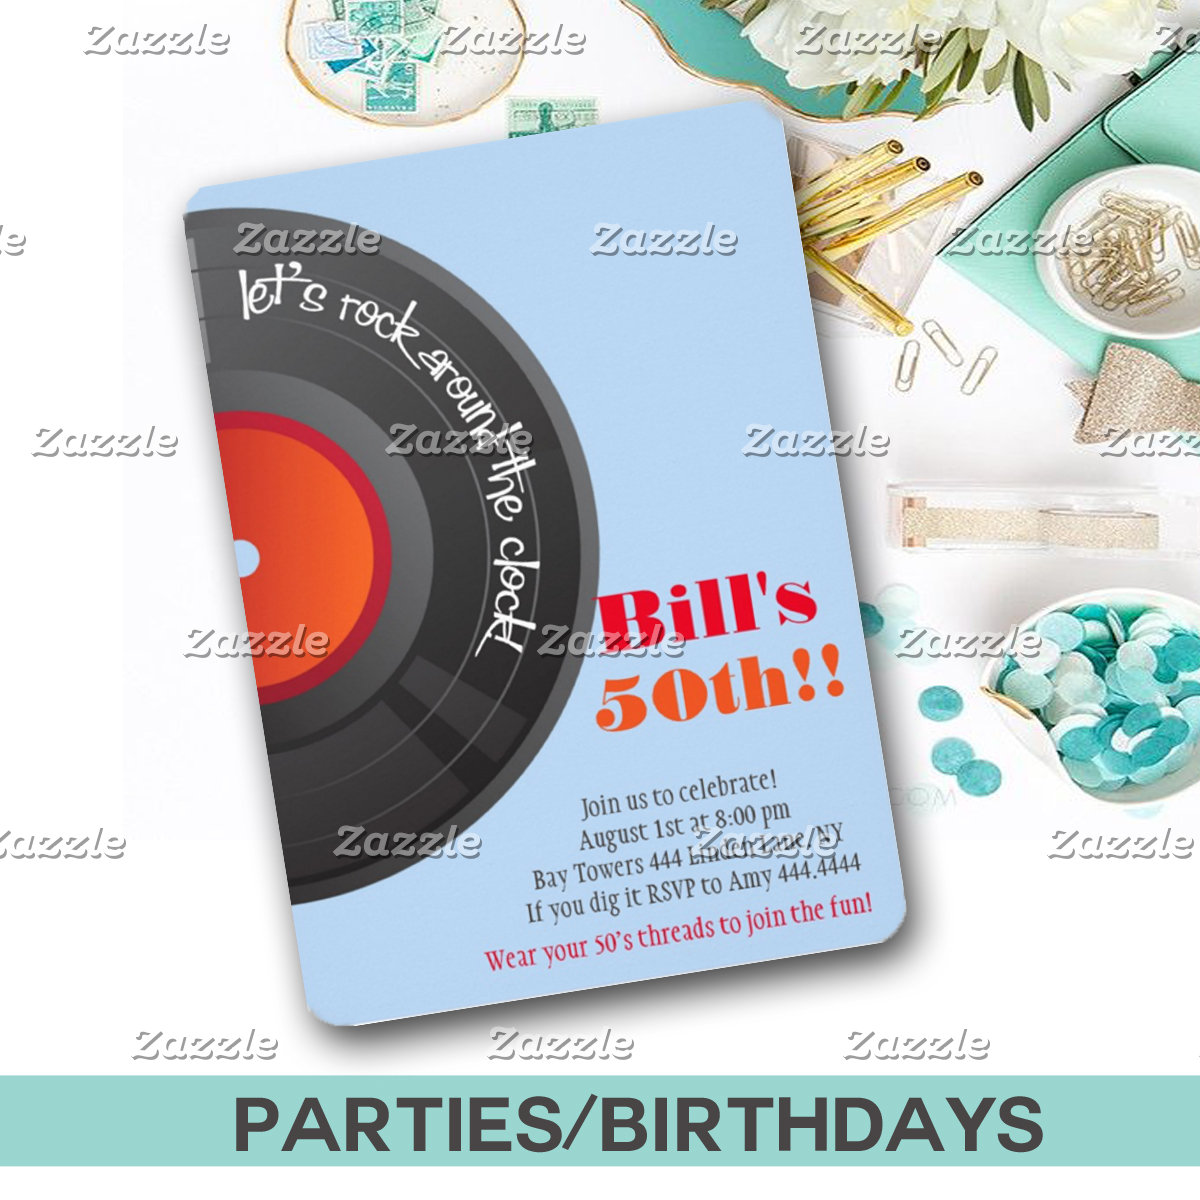 PARTIES/BIRTHDAYS